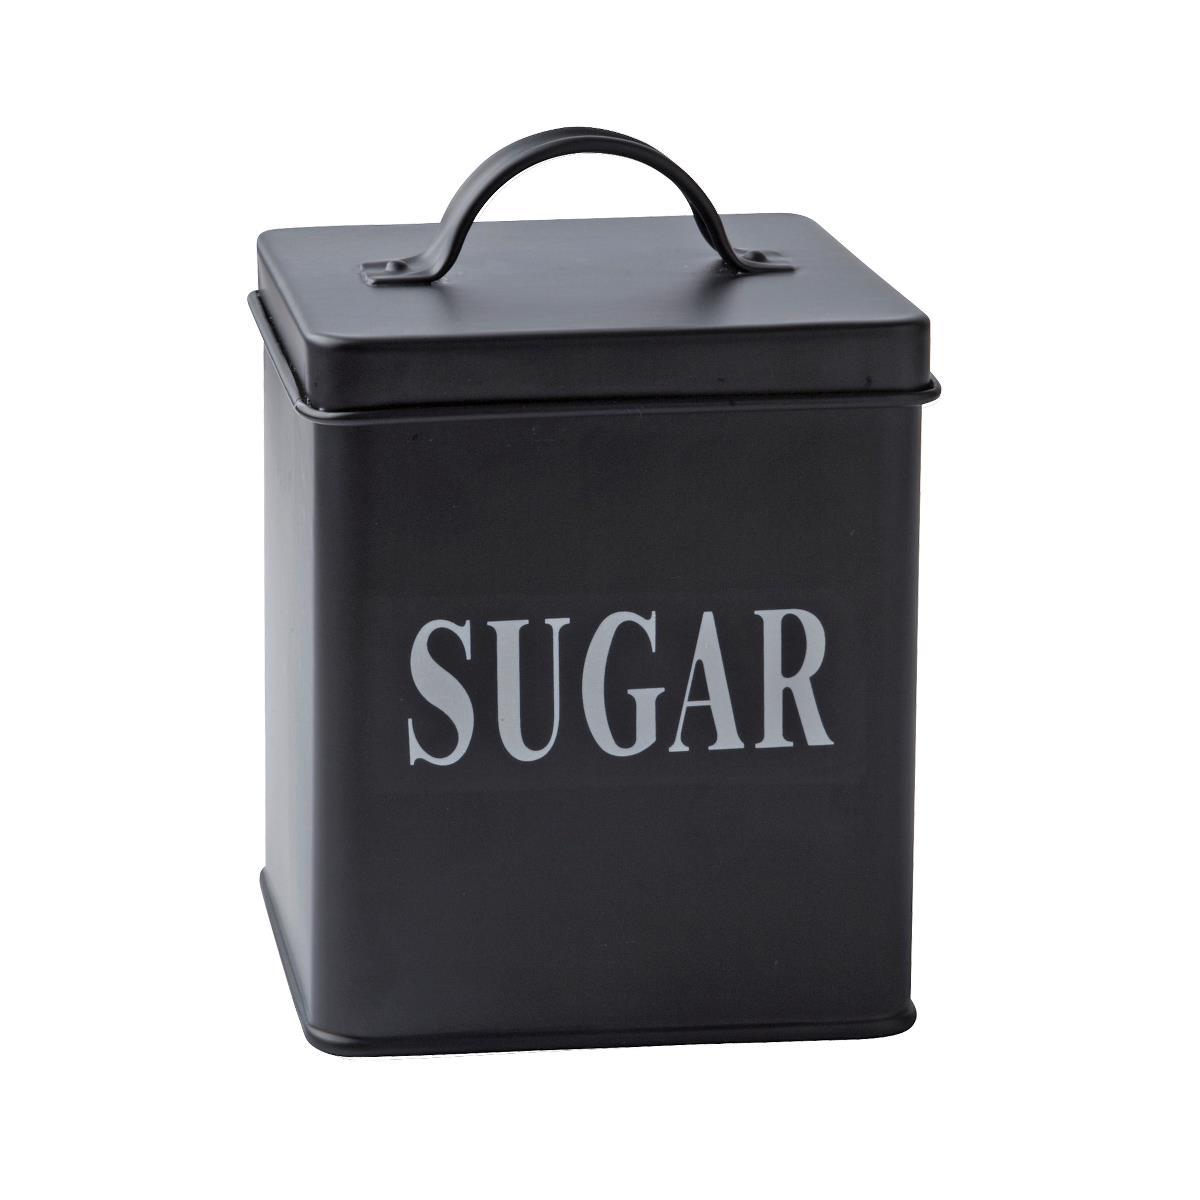 Cutie metalica Sugar, Black, 1,5 L, KJ, 232111